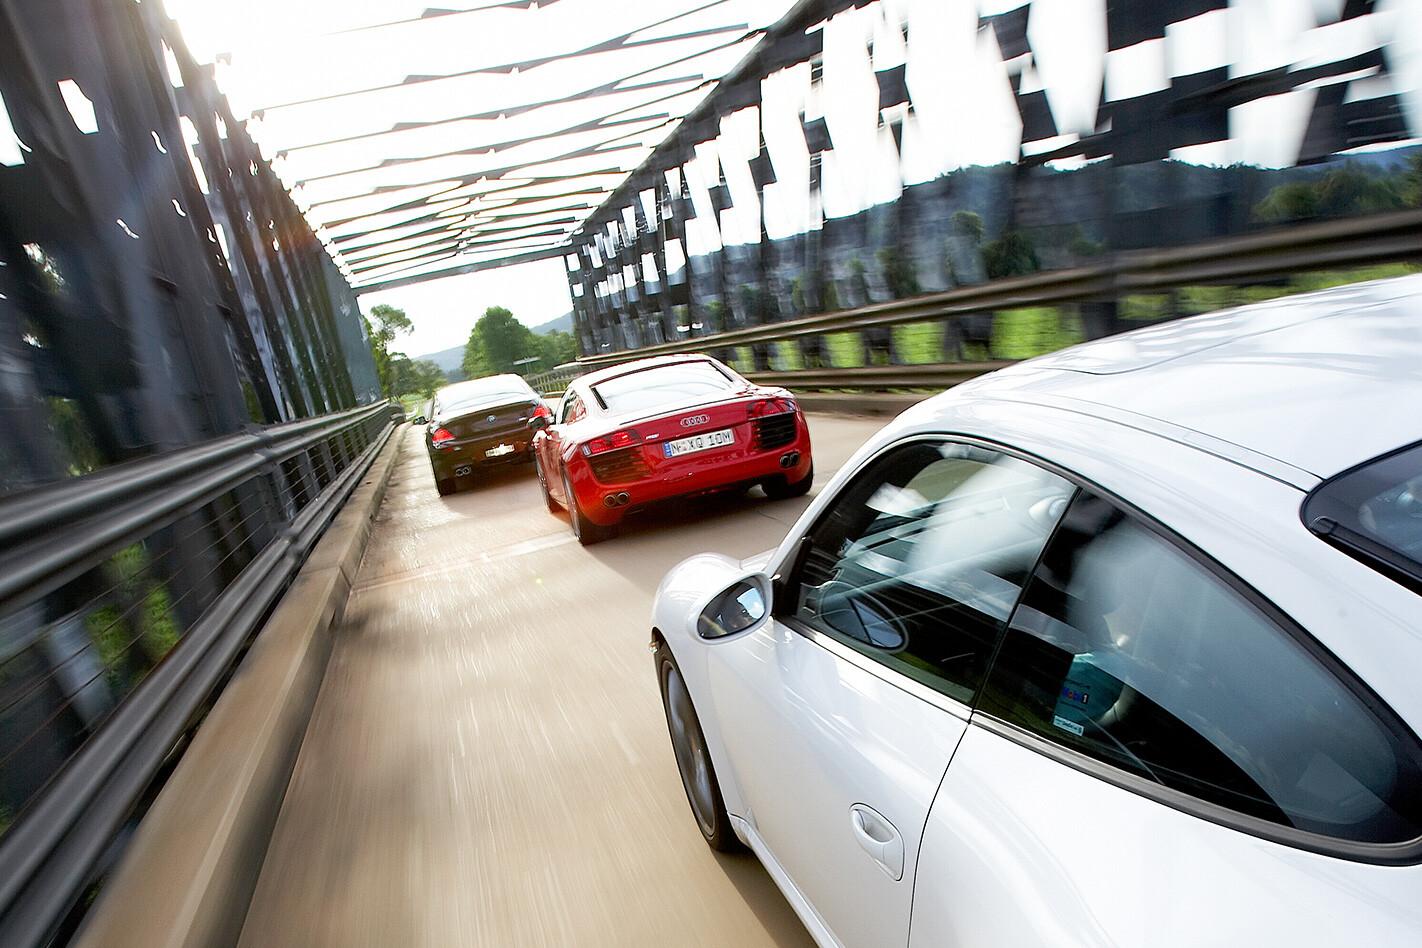 2008 Audi R8 rear